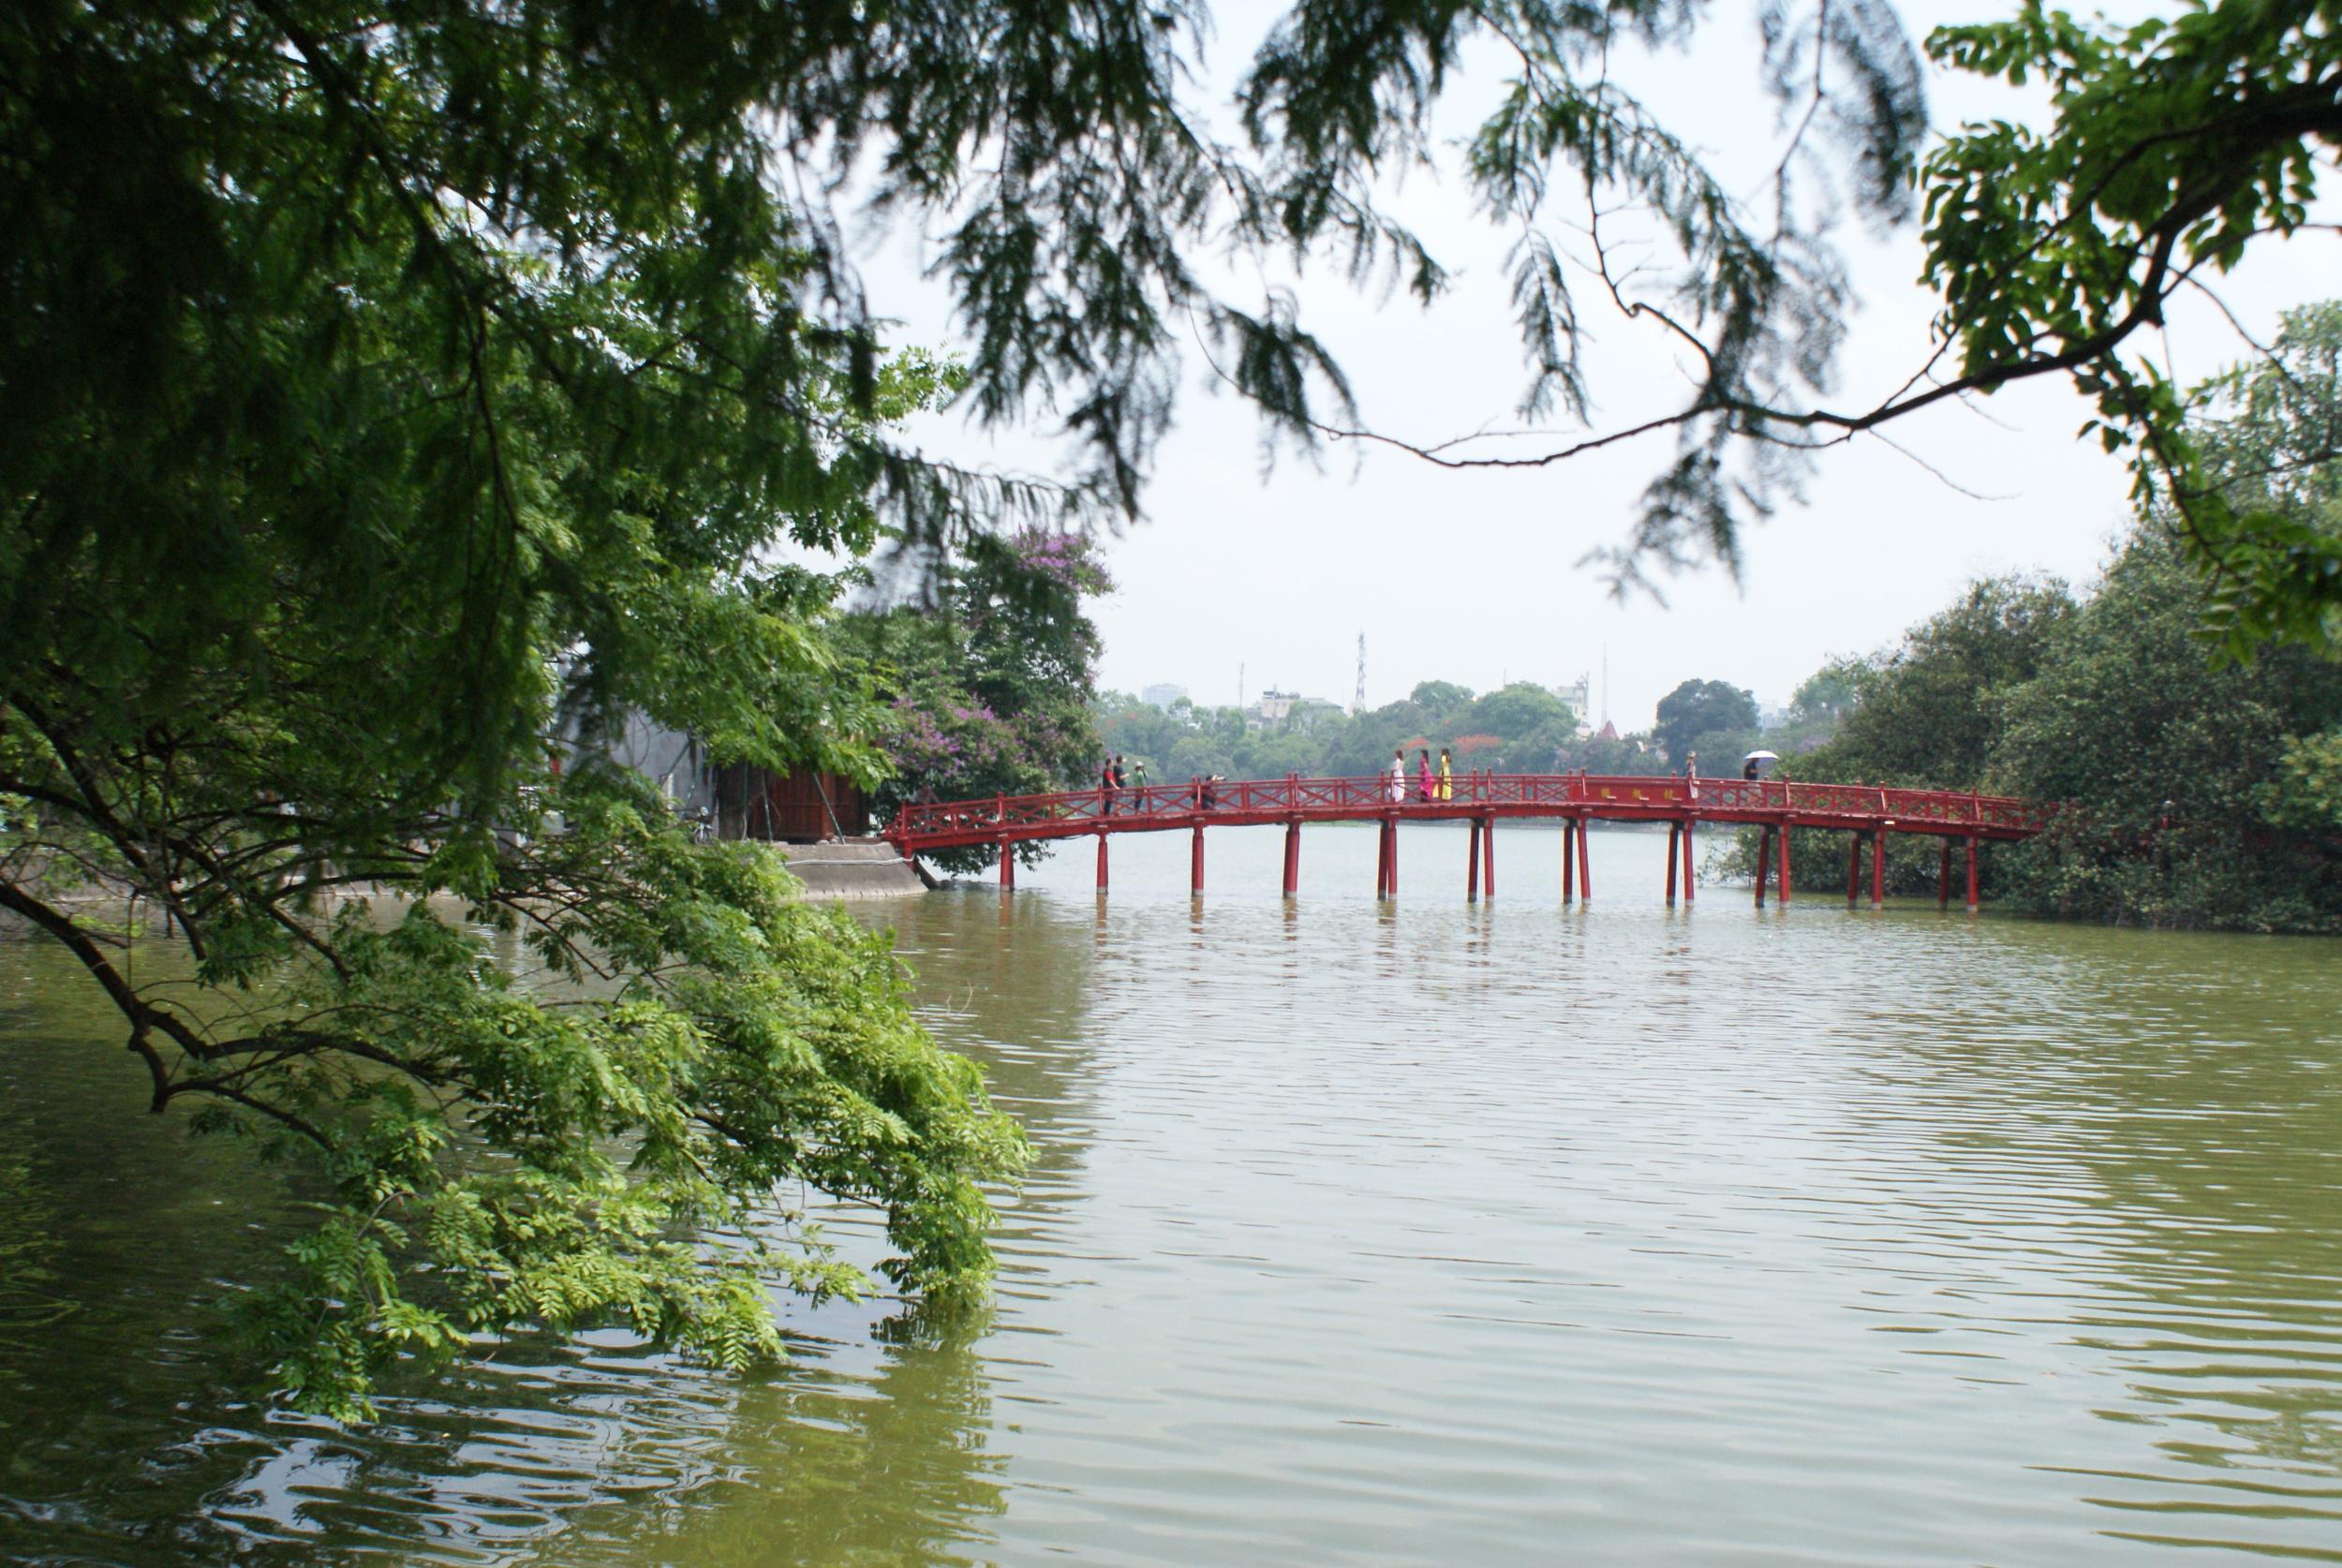 The infamous red bridge of Hanoi.